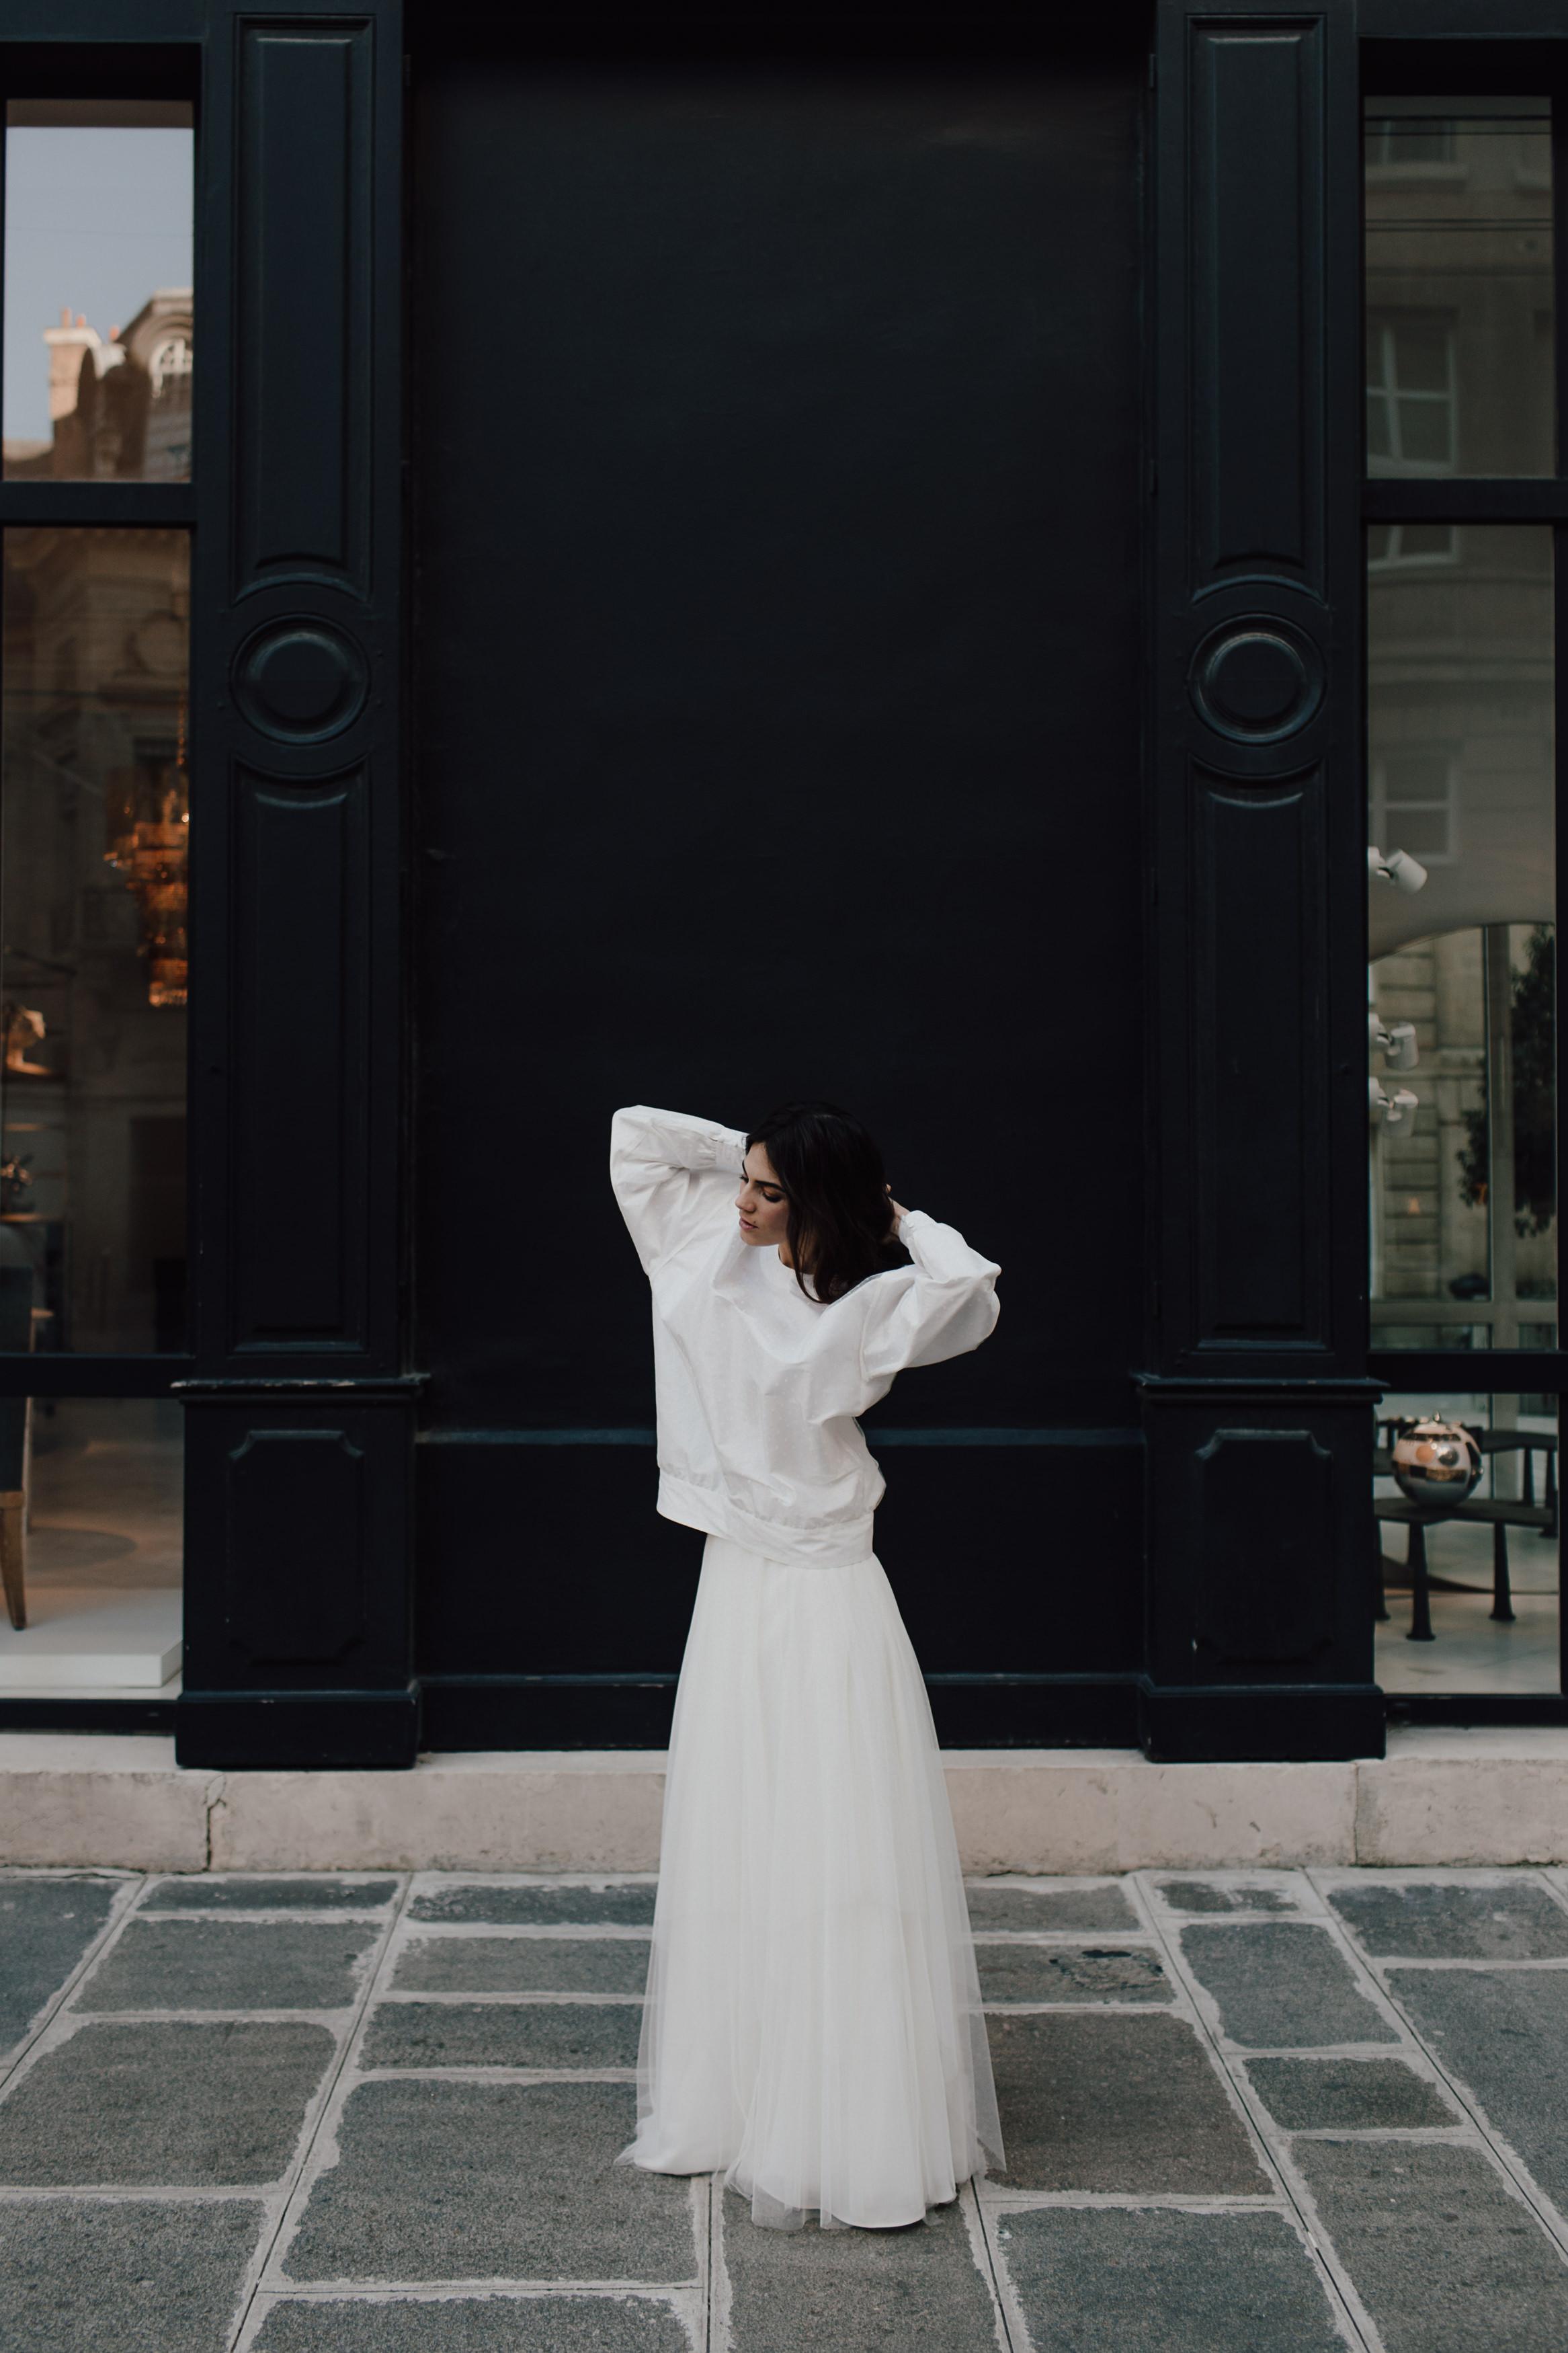 Robes de mariée. Bohème Rock TO MARRY FOR